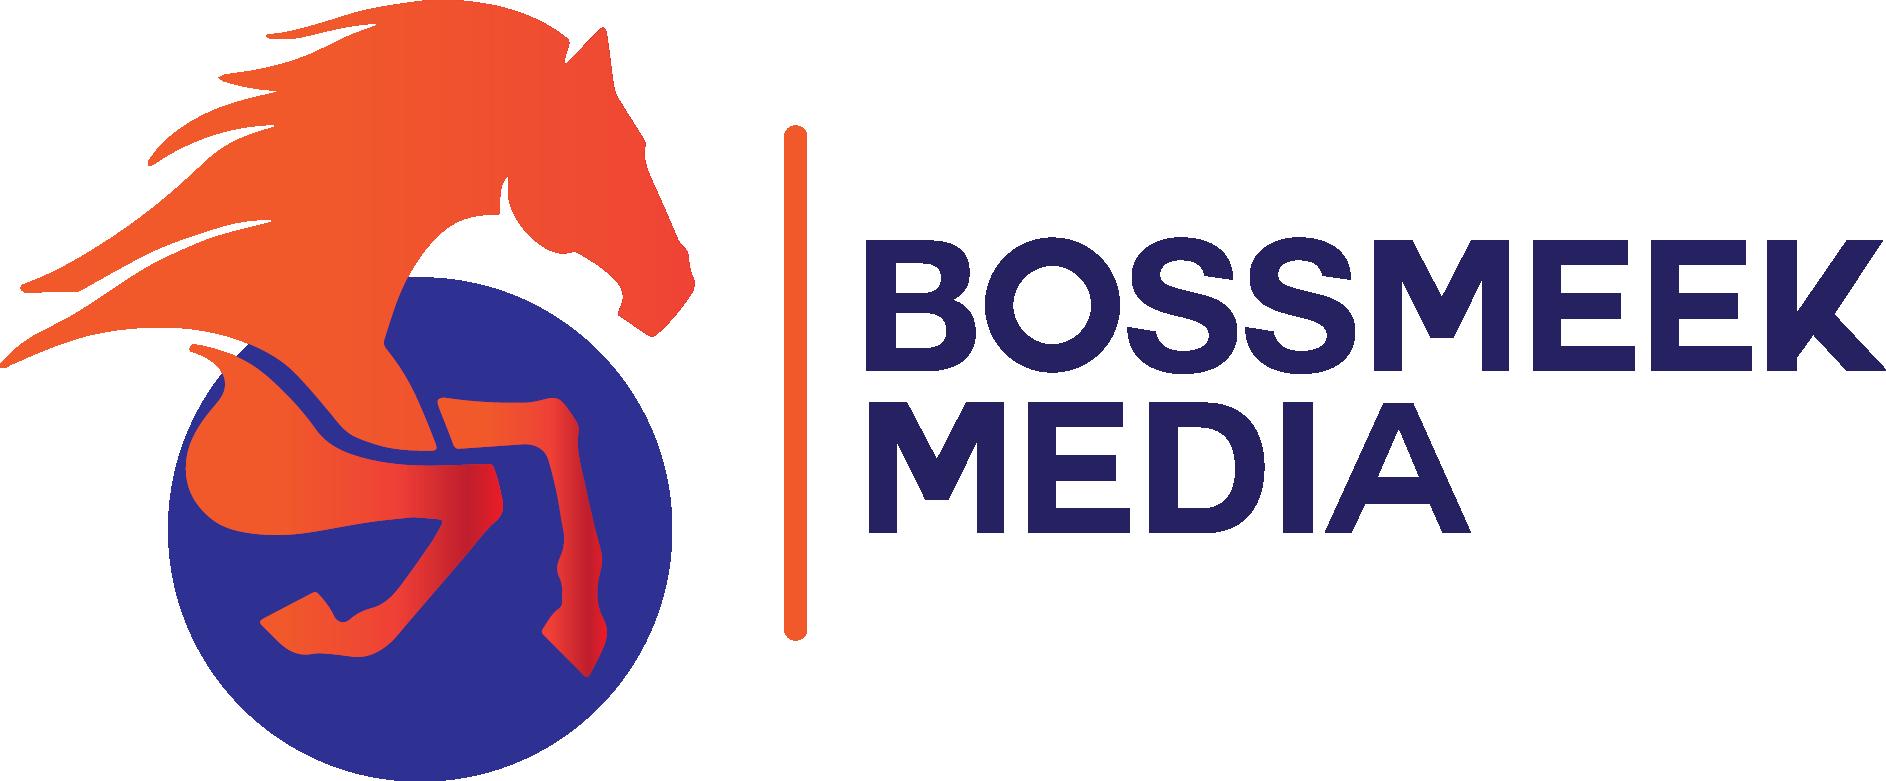 Bossmeek Media